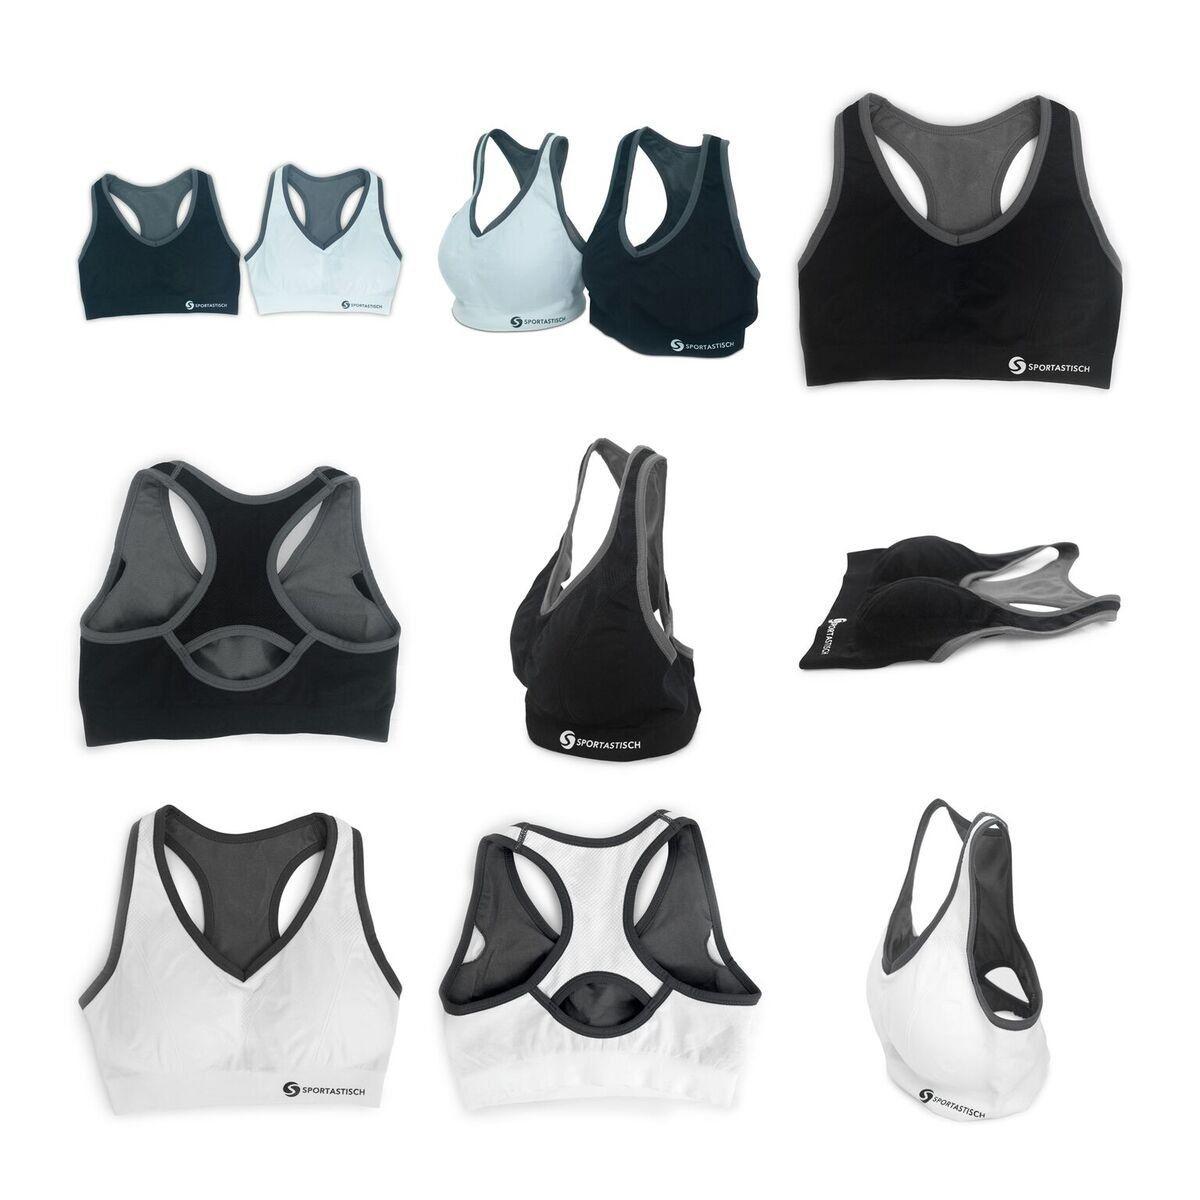 innovativer sport bh sporty bra von sportastisch ansichten. Black Bedroom Furniture Sets. Home Design Ideas